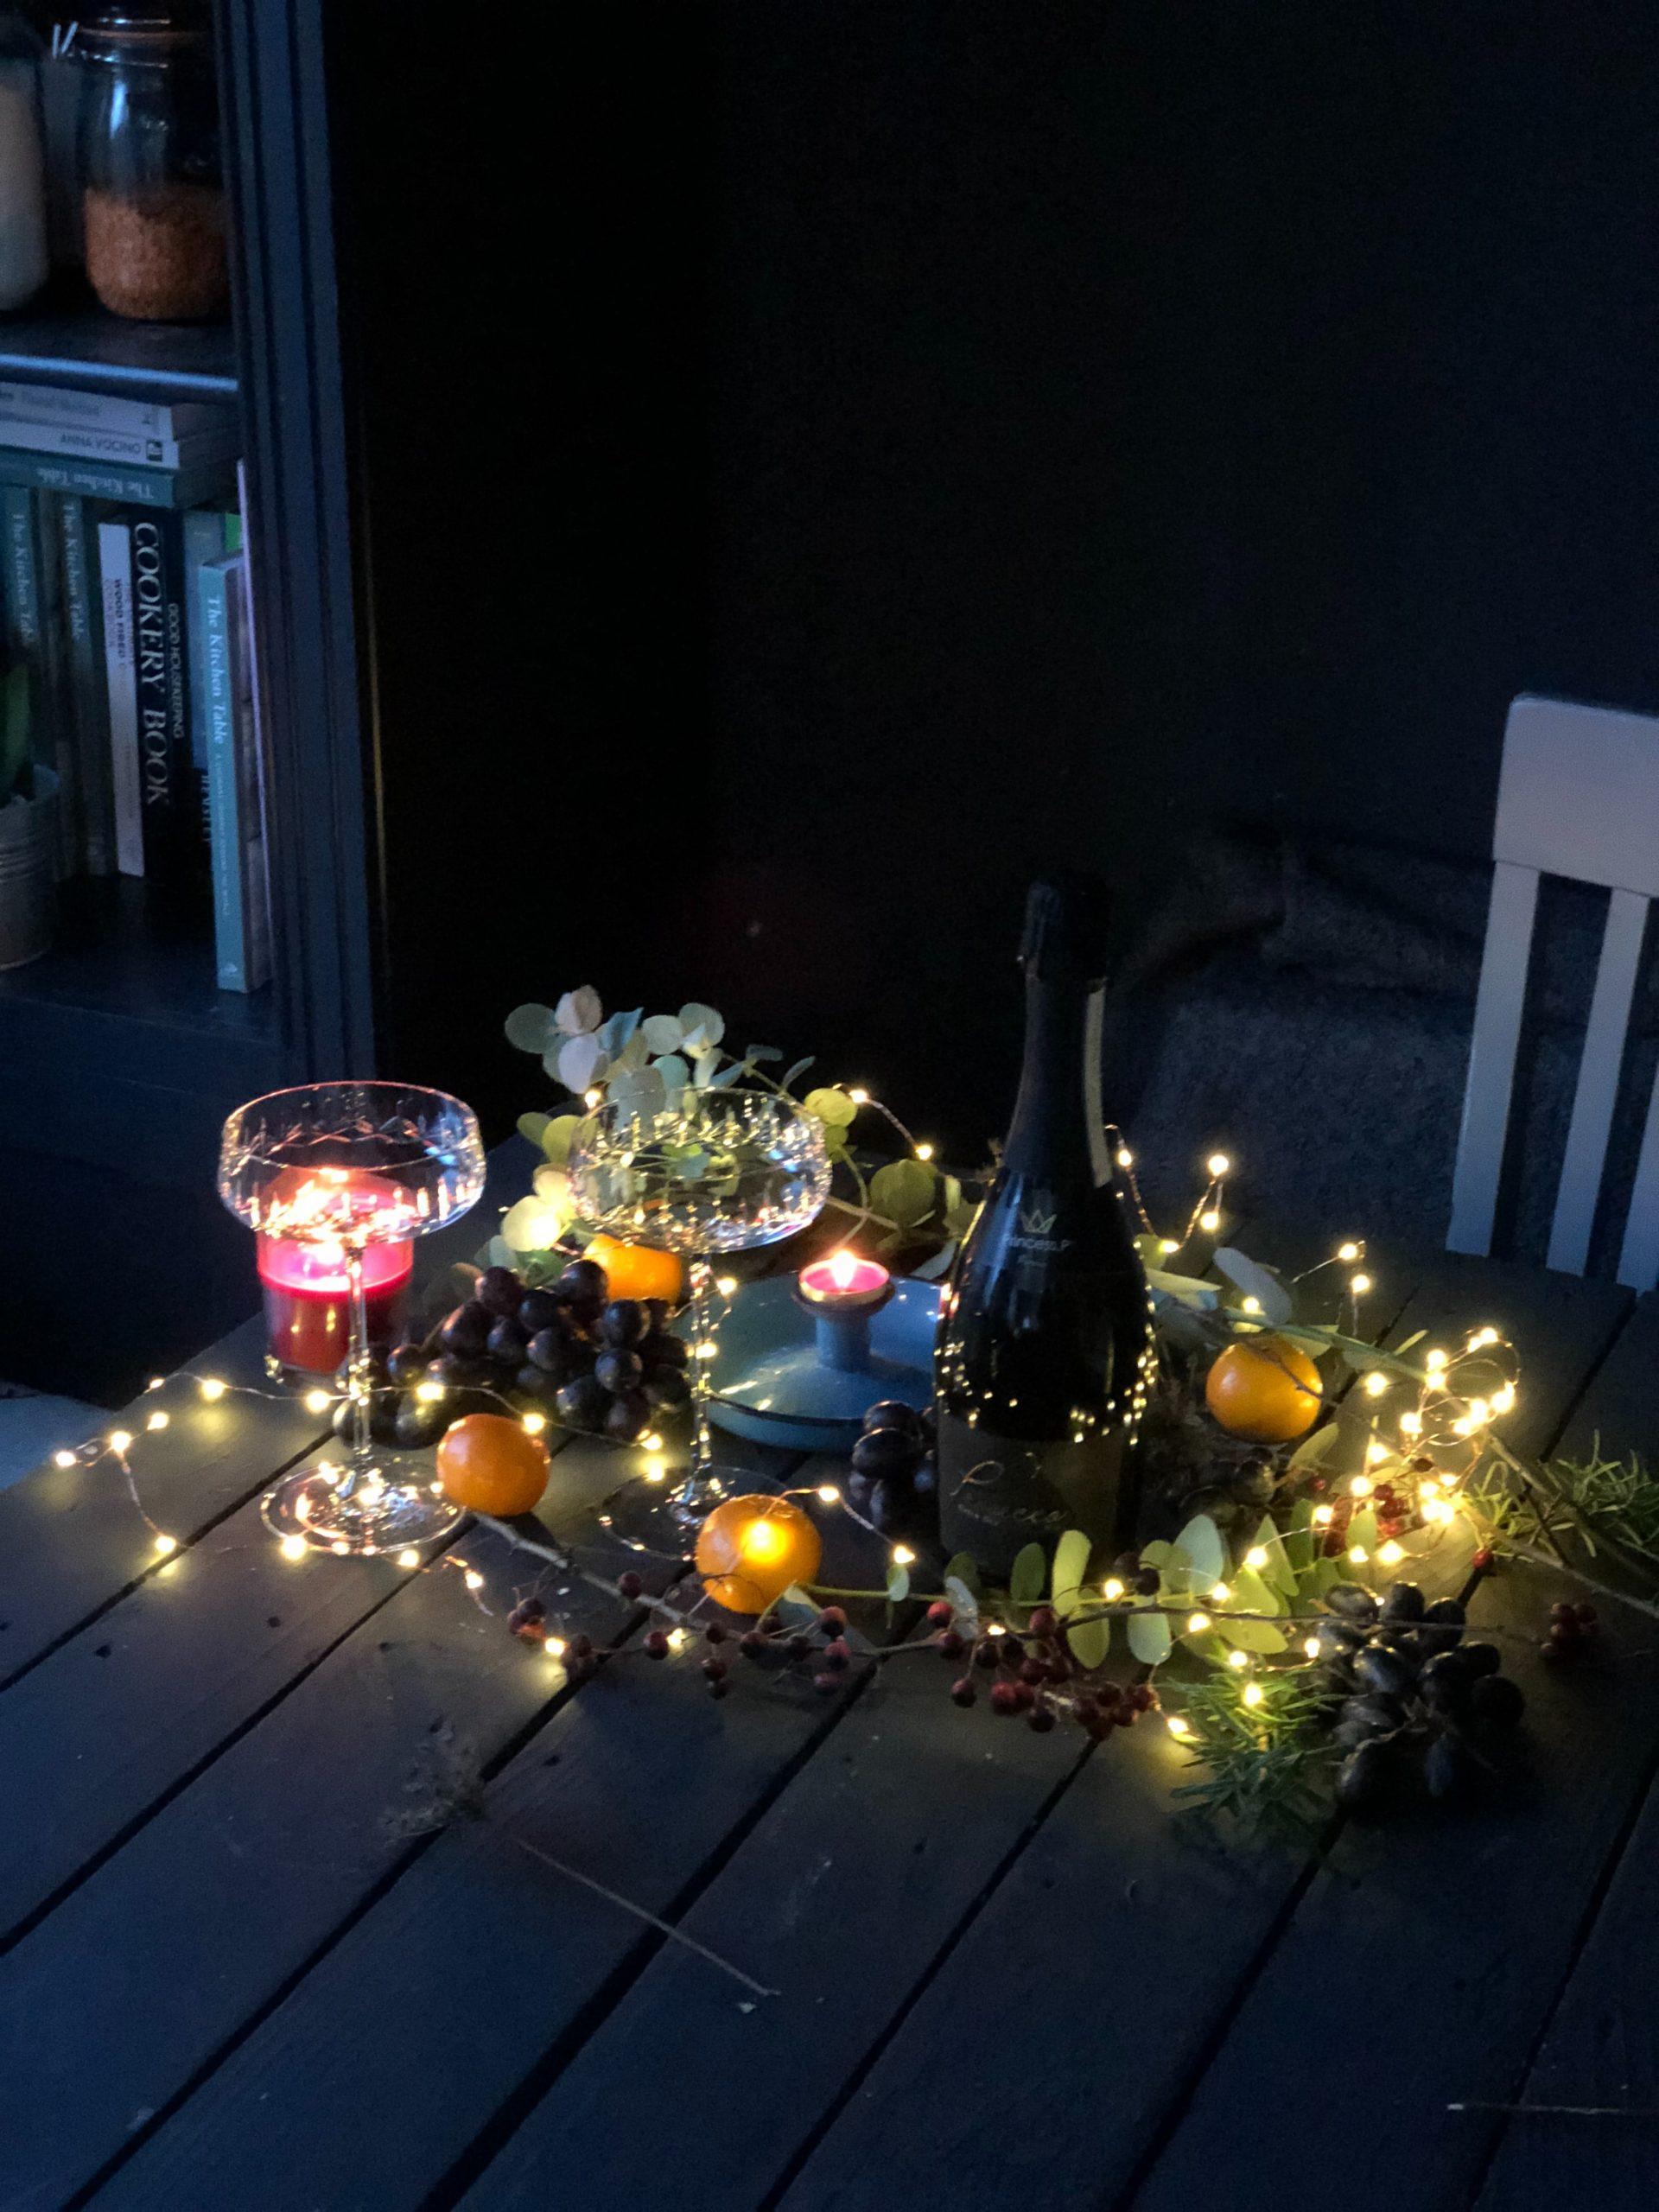 Thuis oud en nieuw vieren versier je tuin voor het samen vuurwerk kijken